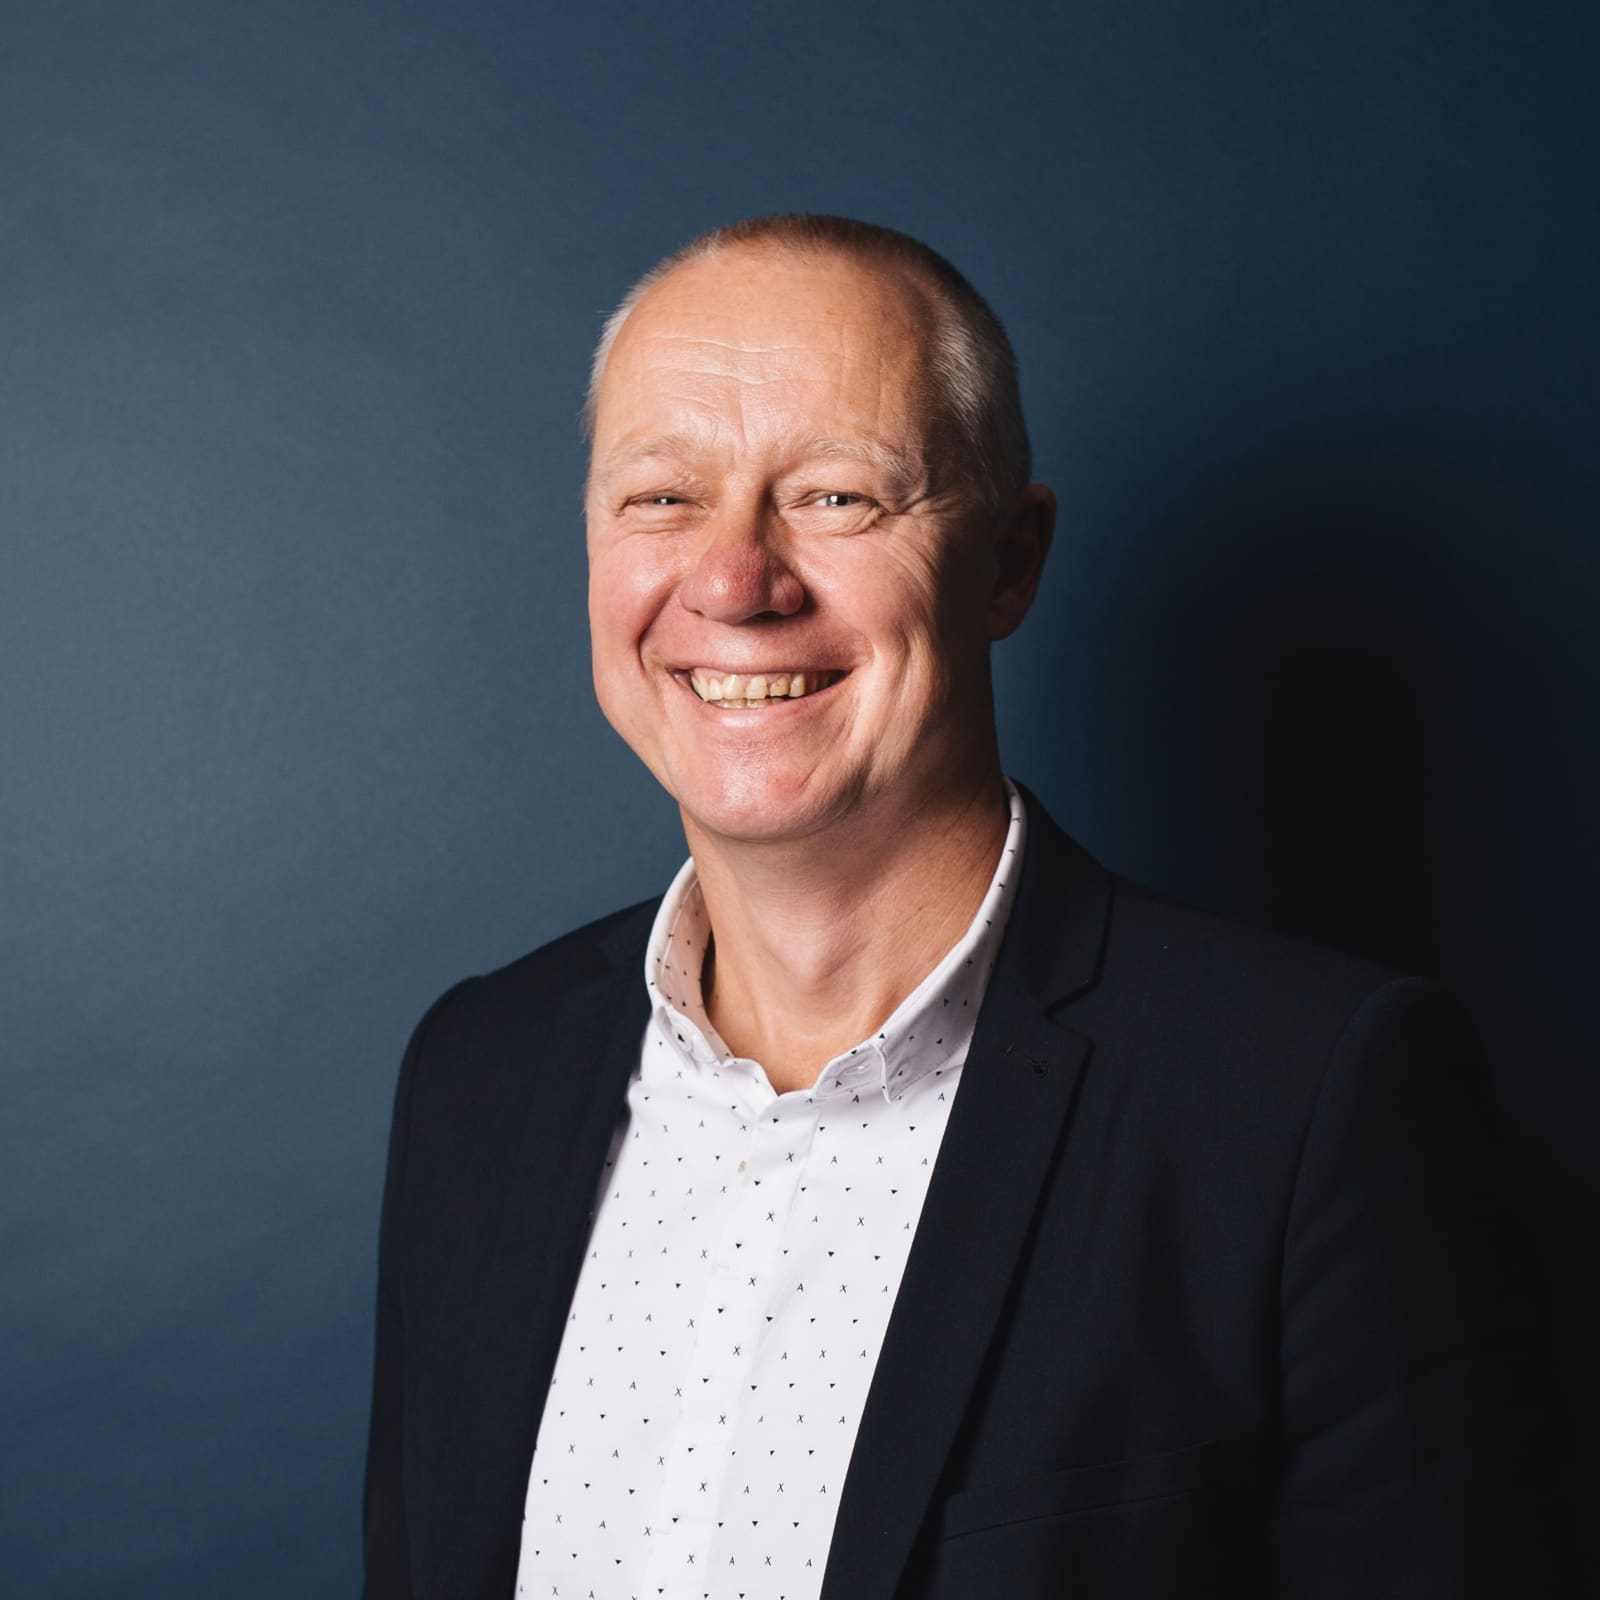 Marcel Tijink - Accountant/ belastingadviseur in Haaksbergen